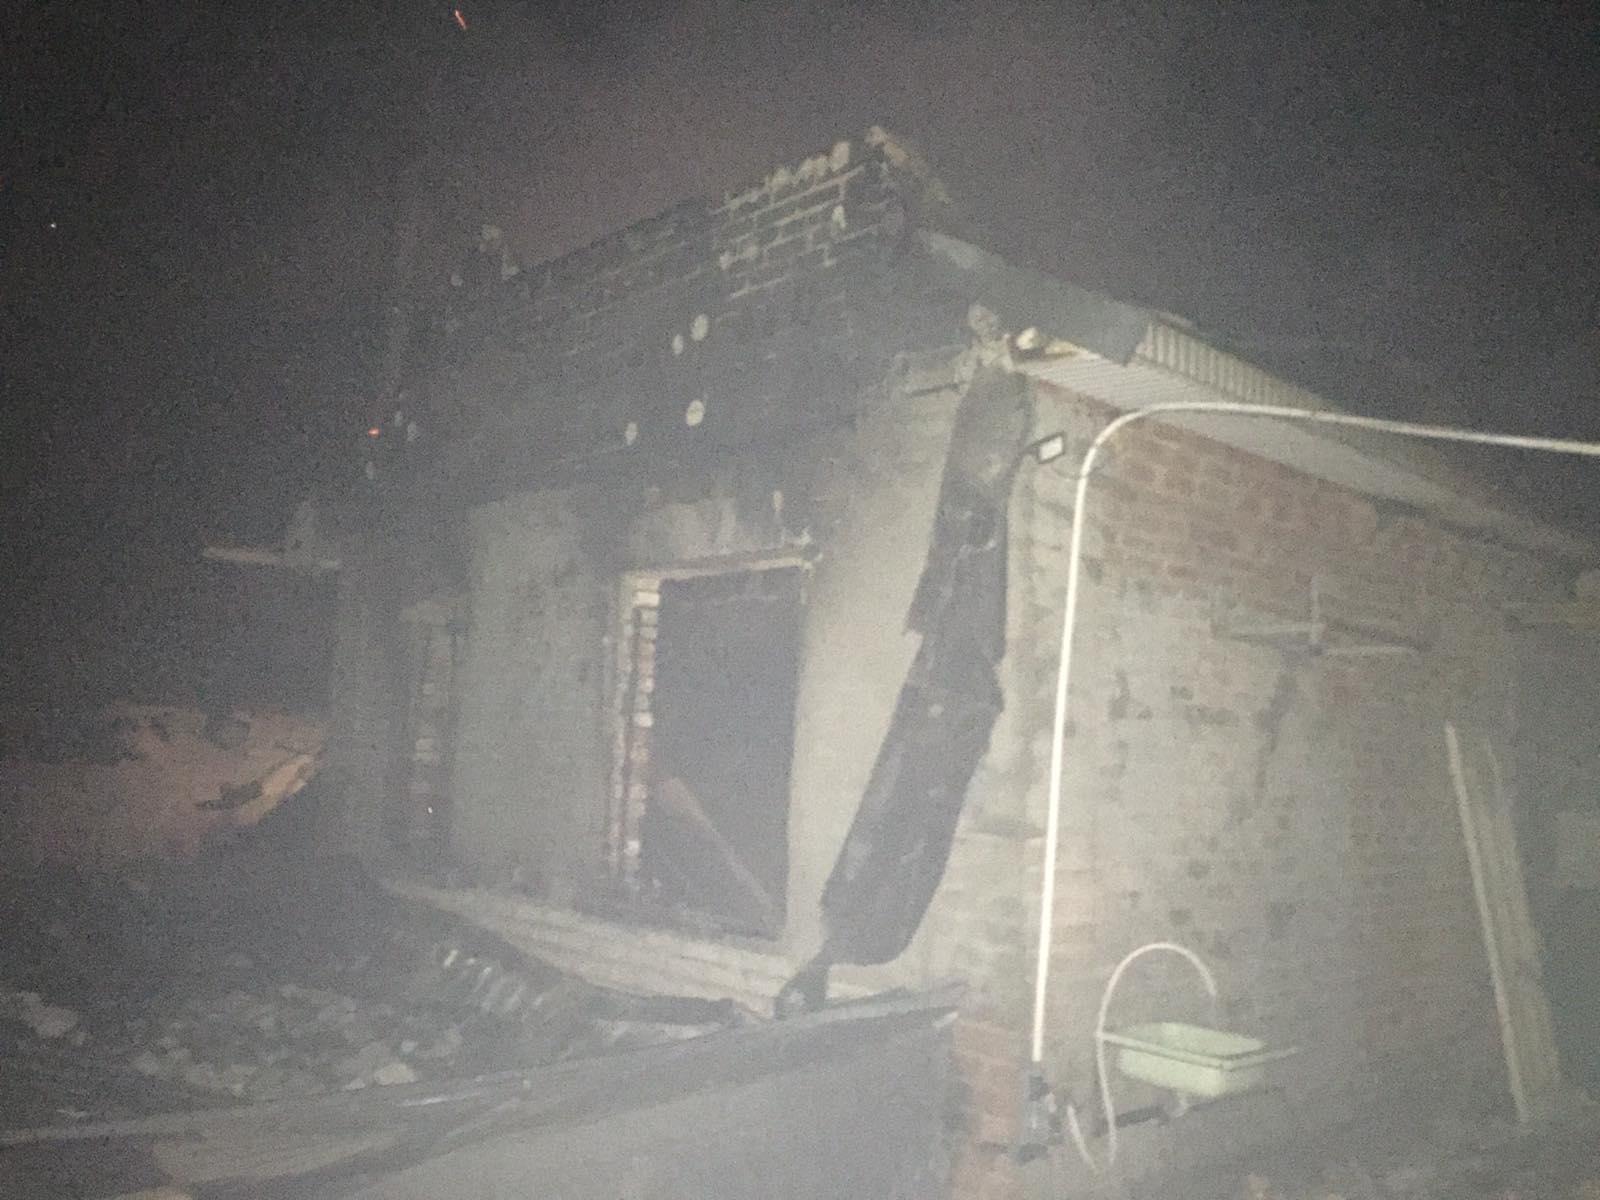 На Білоцерківщині вщент вигорів приватний будинок - загорання житлового будинку, житло, вогнеборці - 12 viber 2021 02 23 08 11 54